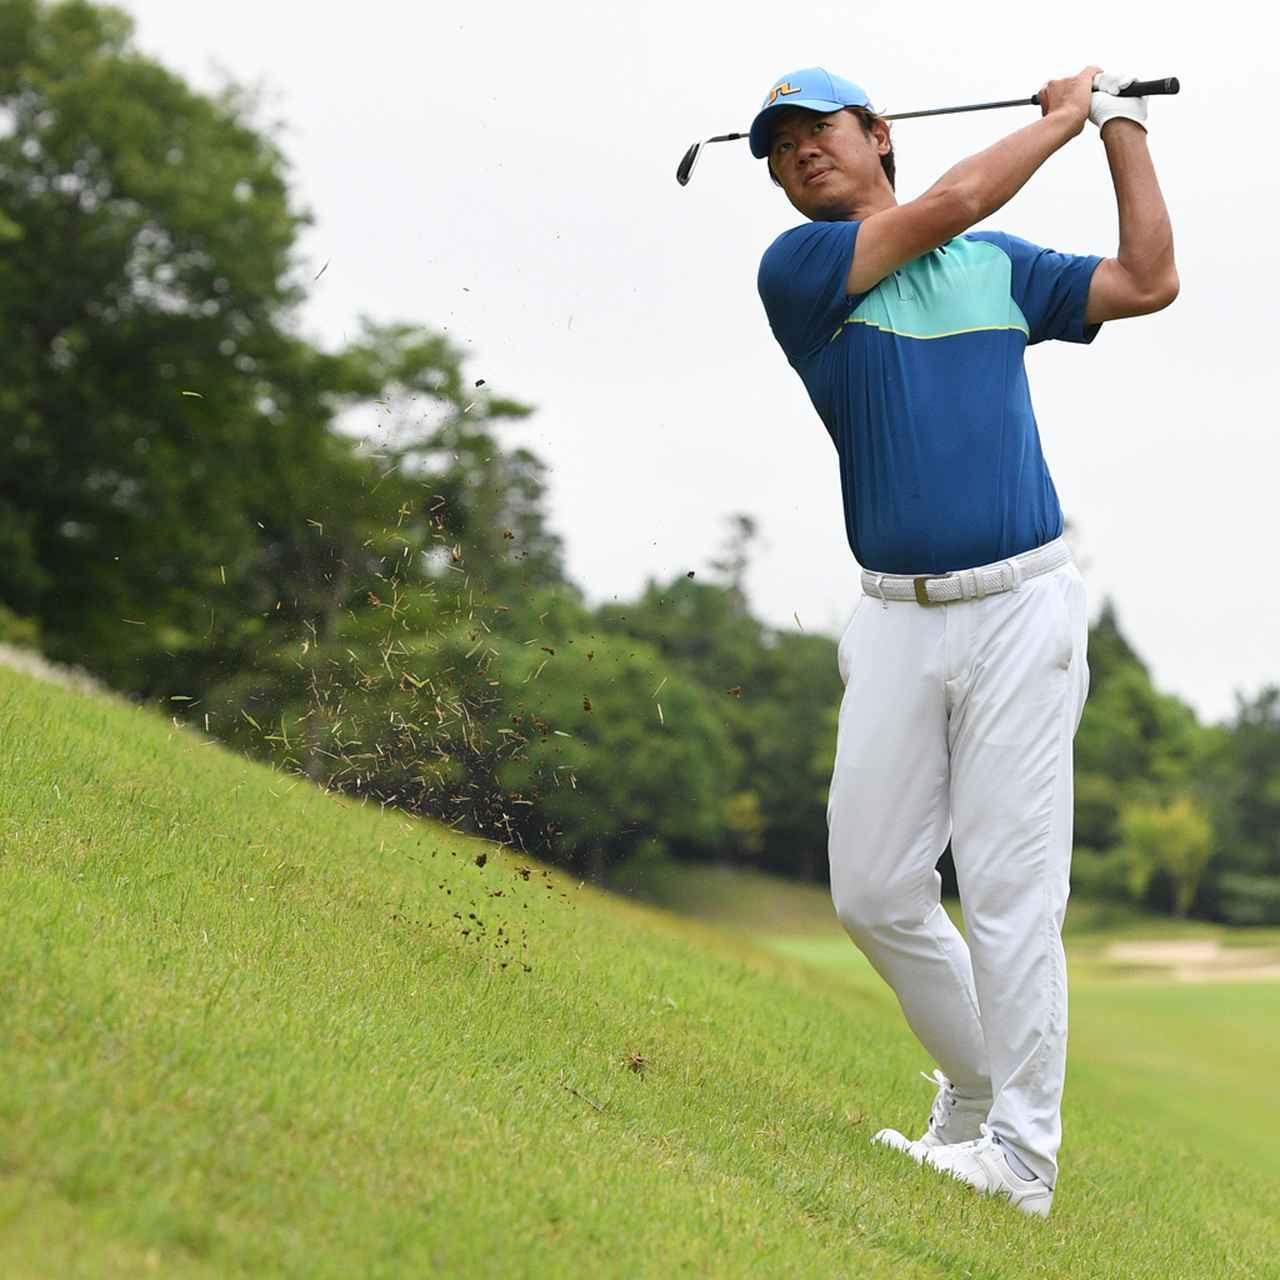 画像5: 【傾斜地アイアン】夏ゴルフ、つま先上がりの斜面ラフに止まった。かなりの急傾斜から上手く打つには…。(後編)